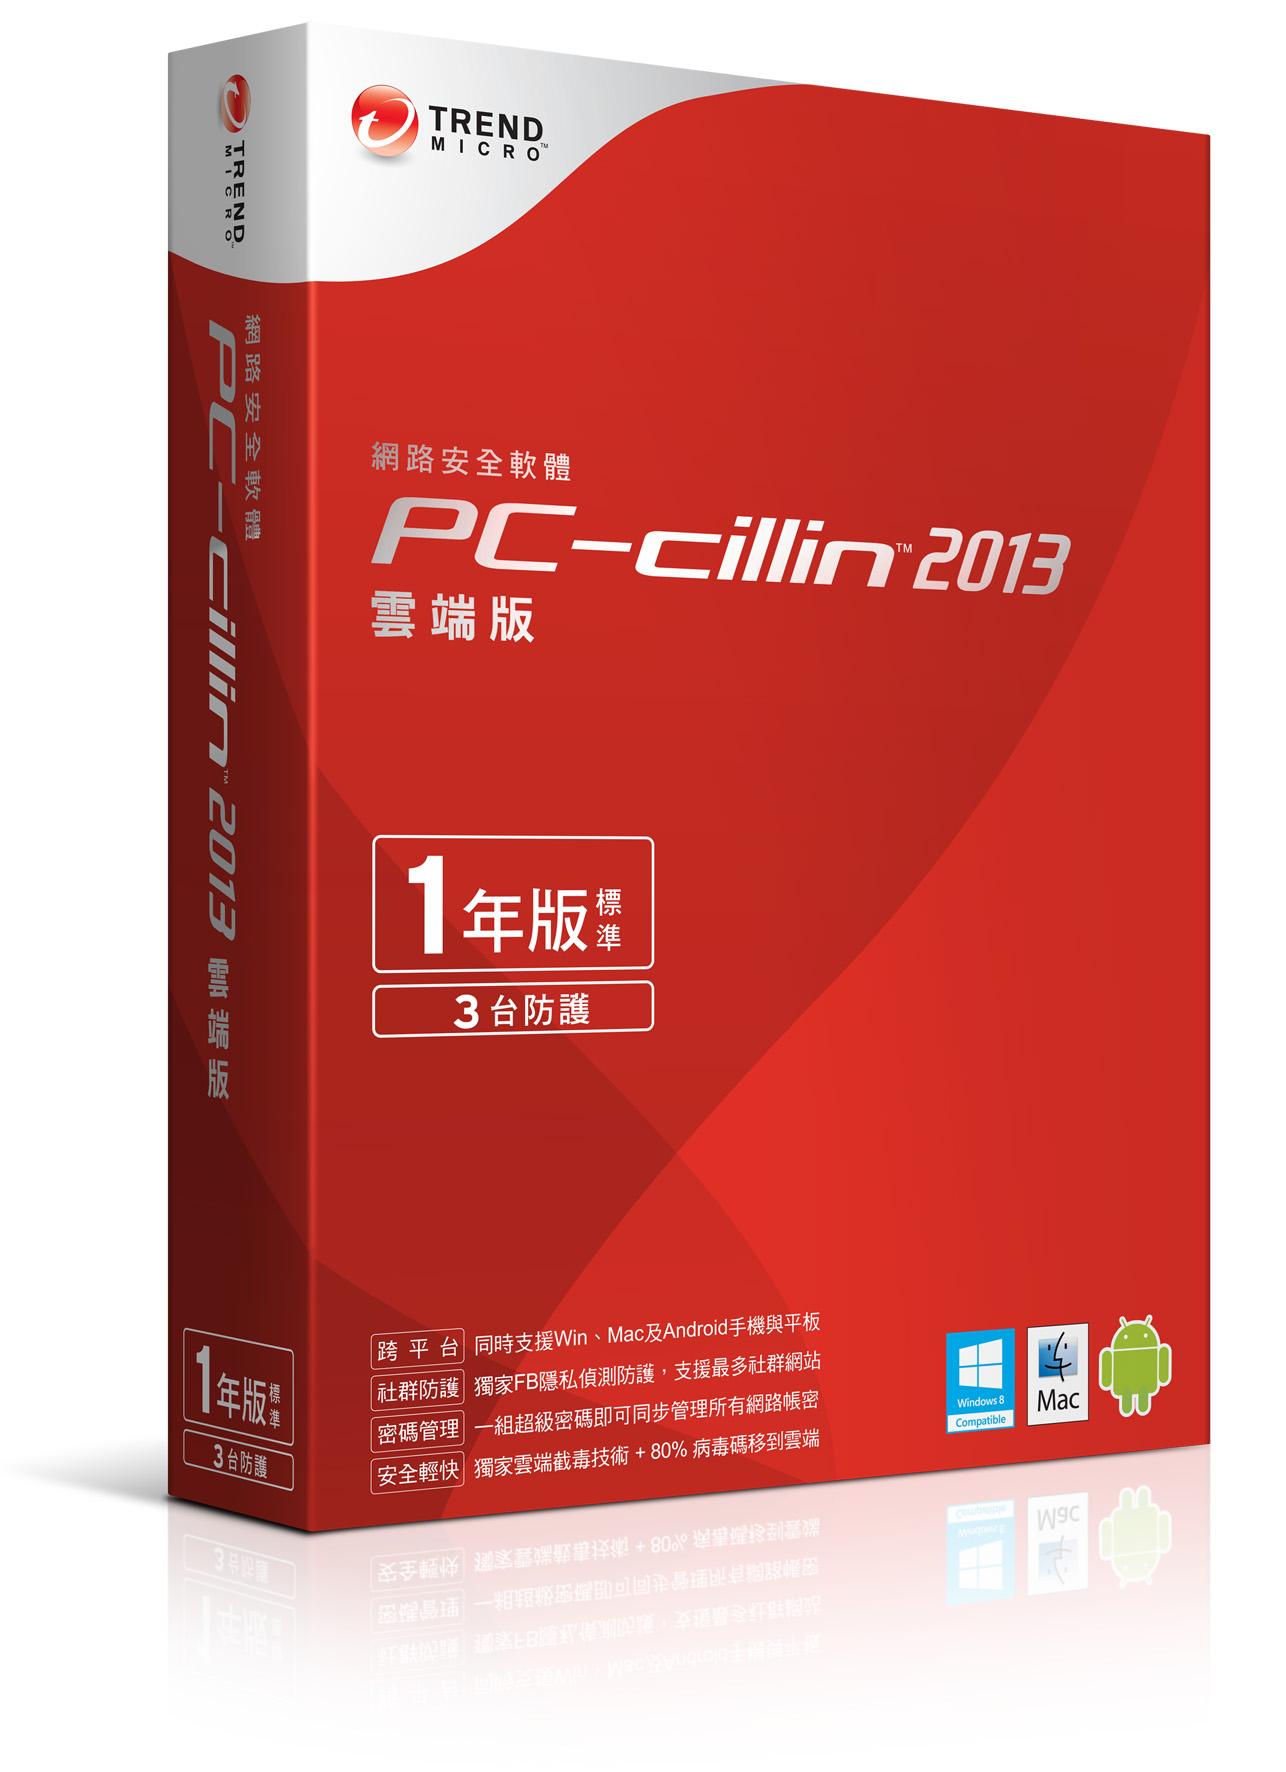 全面支援Windows 8-趨勢科技PC-cillin 2013雲端版防毒軟體網路安全軟體